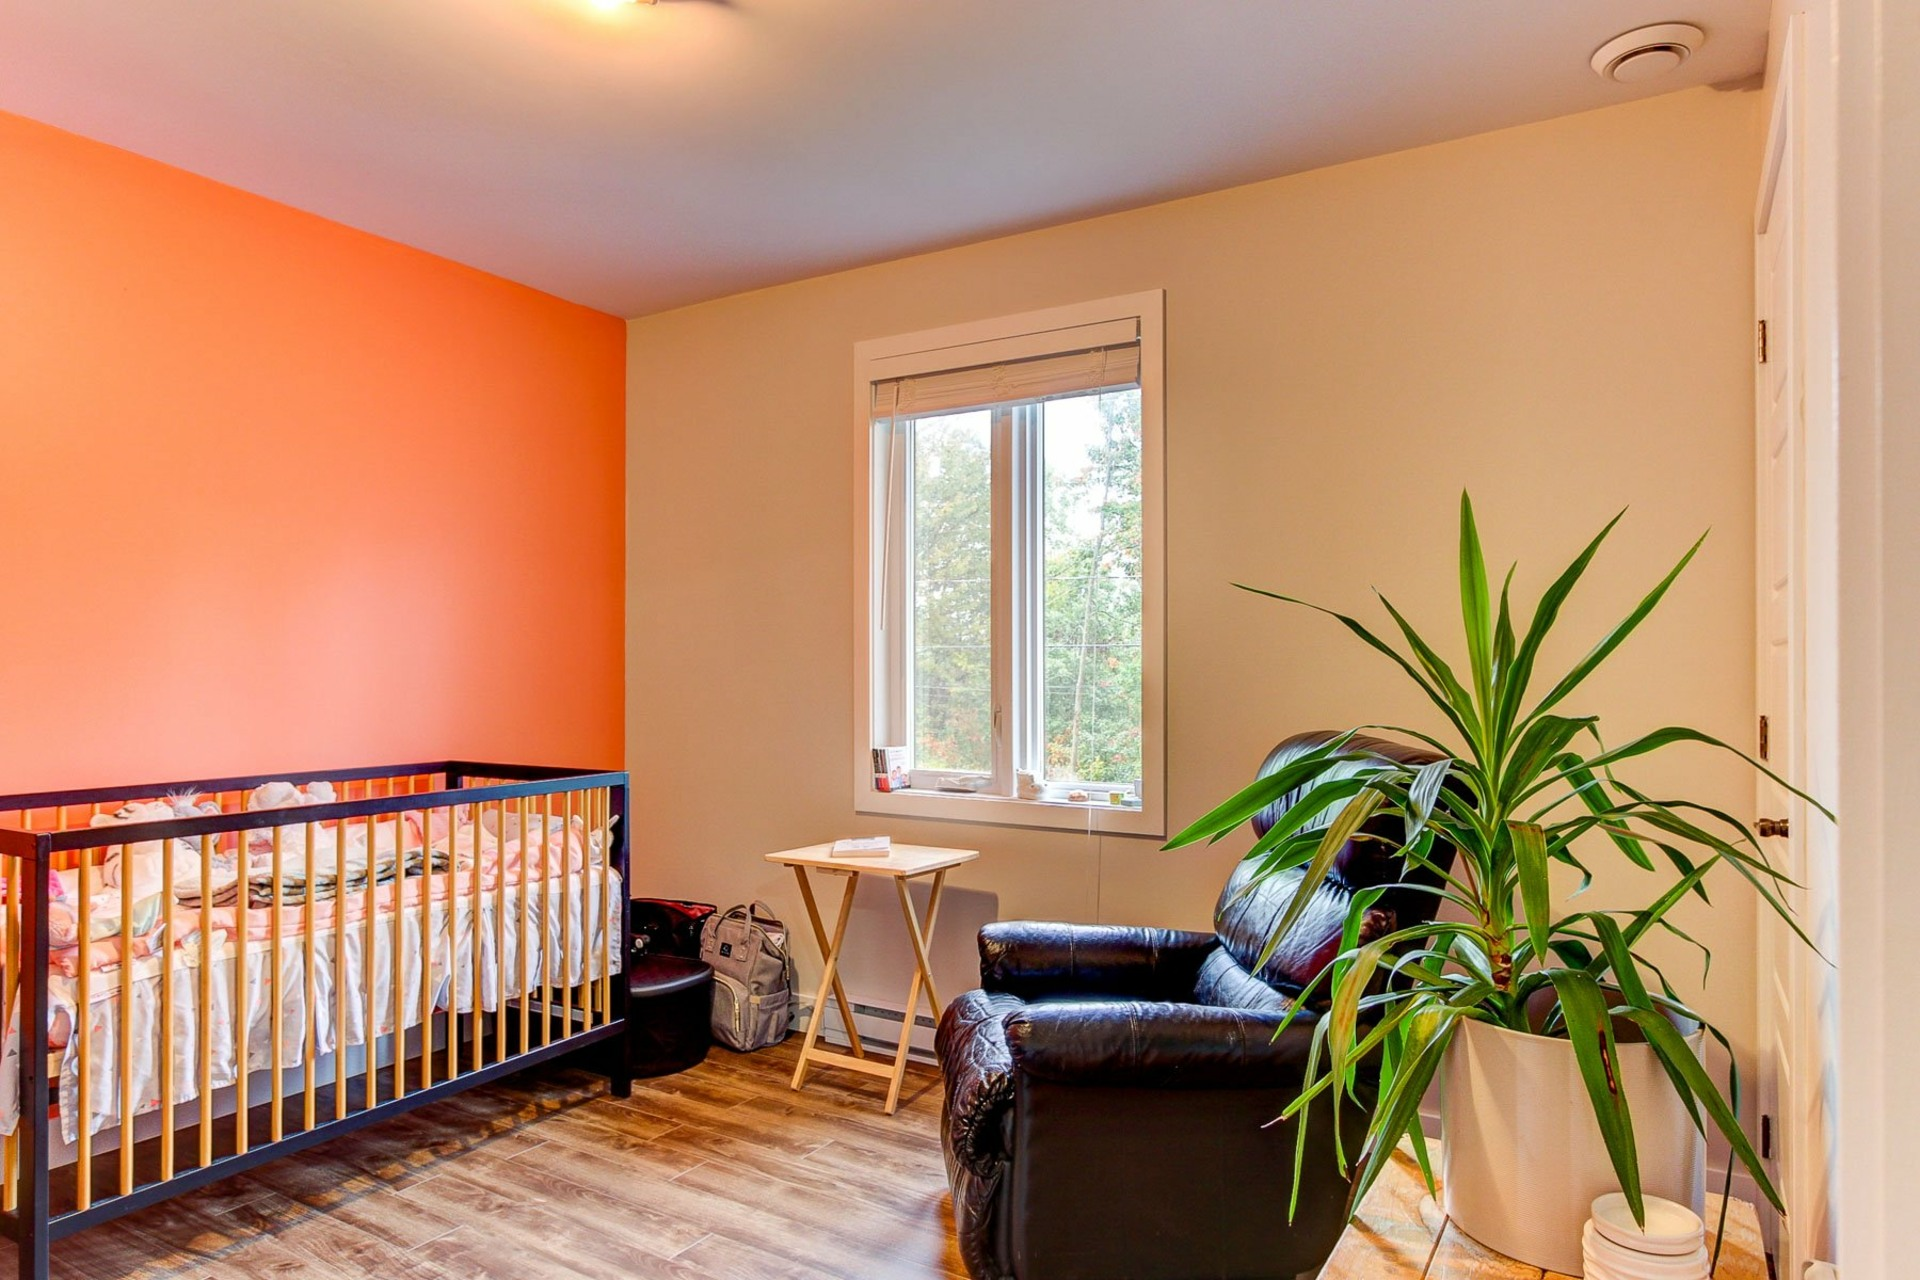 image 16 - Appartement À vendre Trois-Rivières - 7 pièces